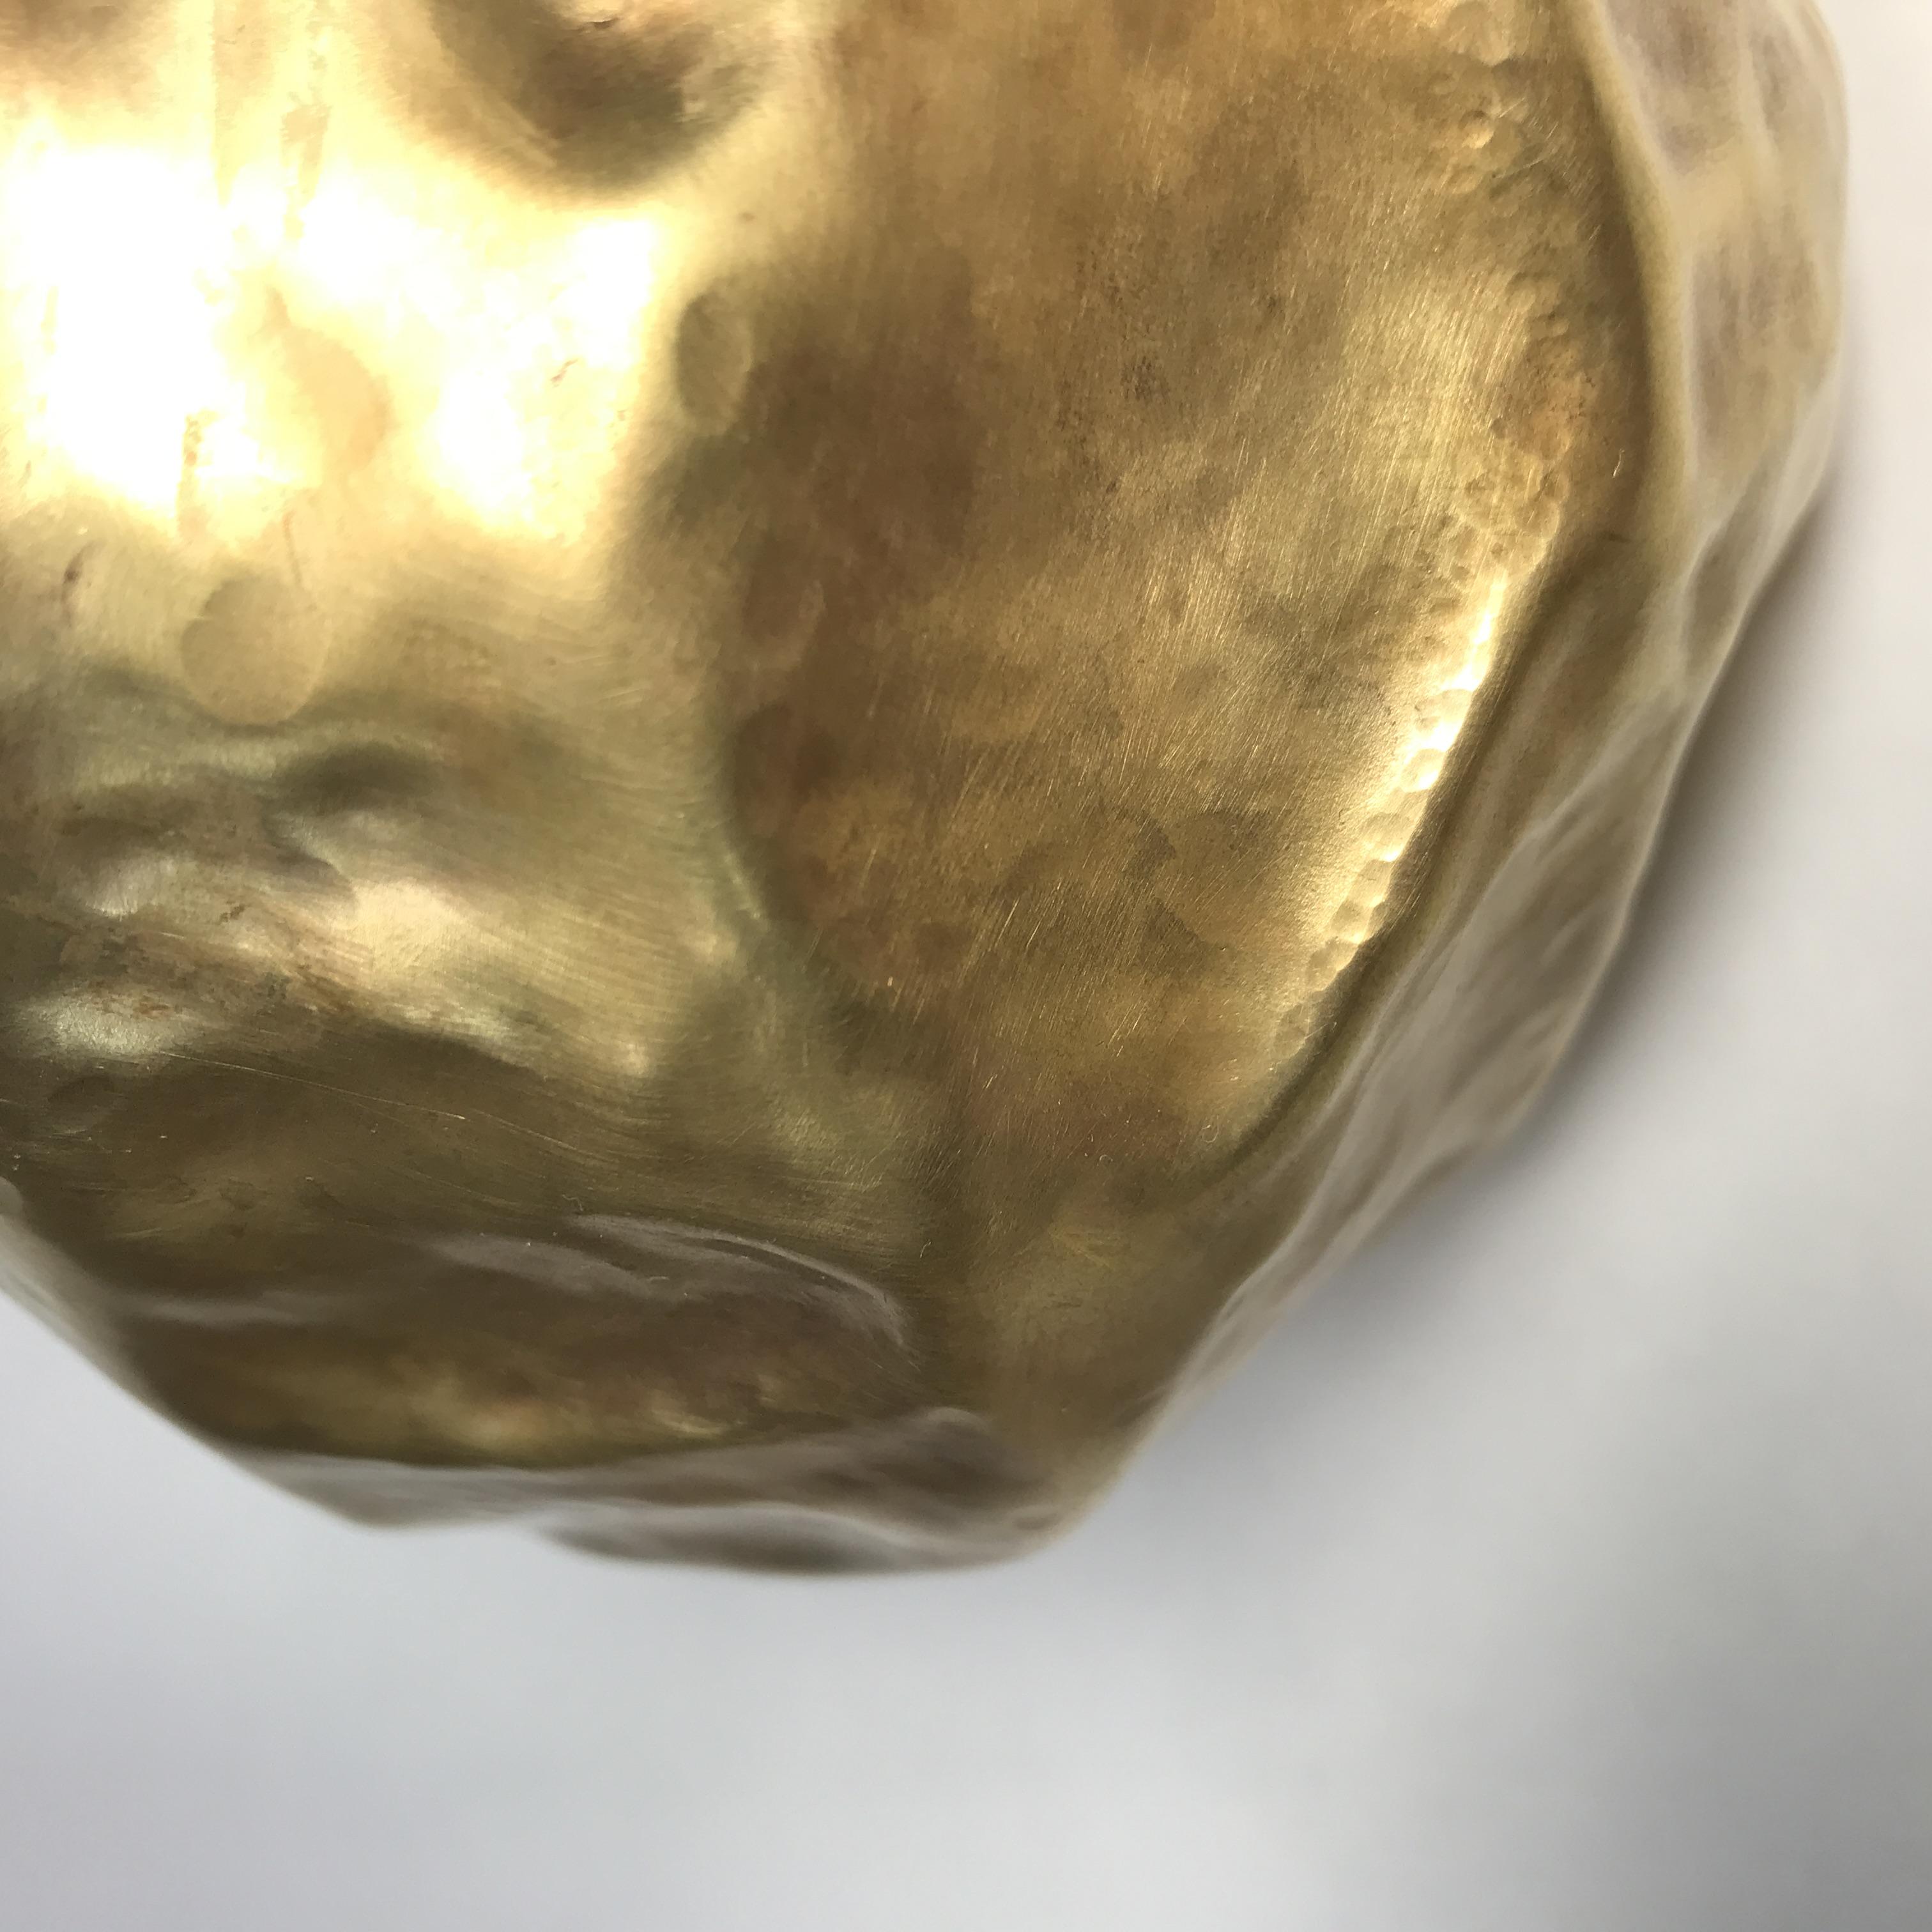 detail metalsmithing